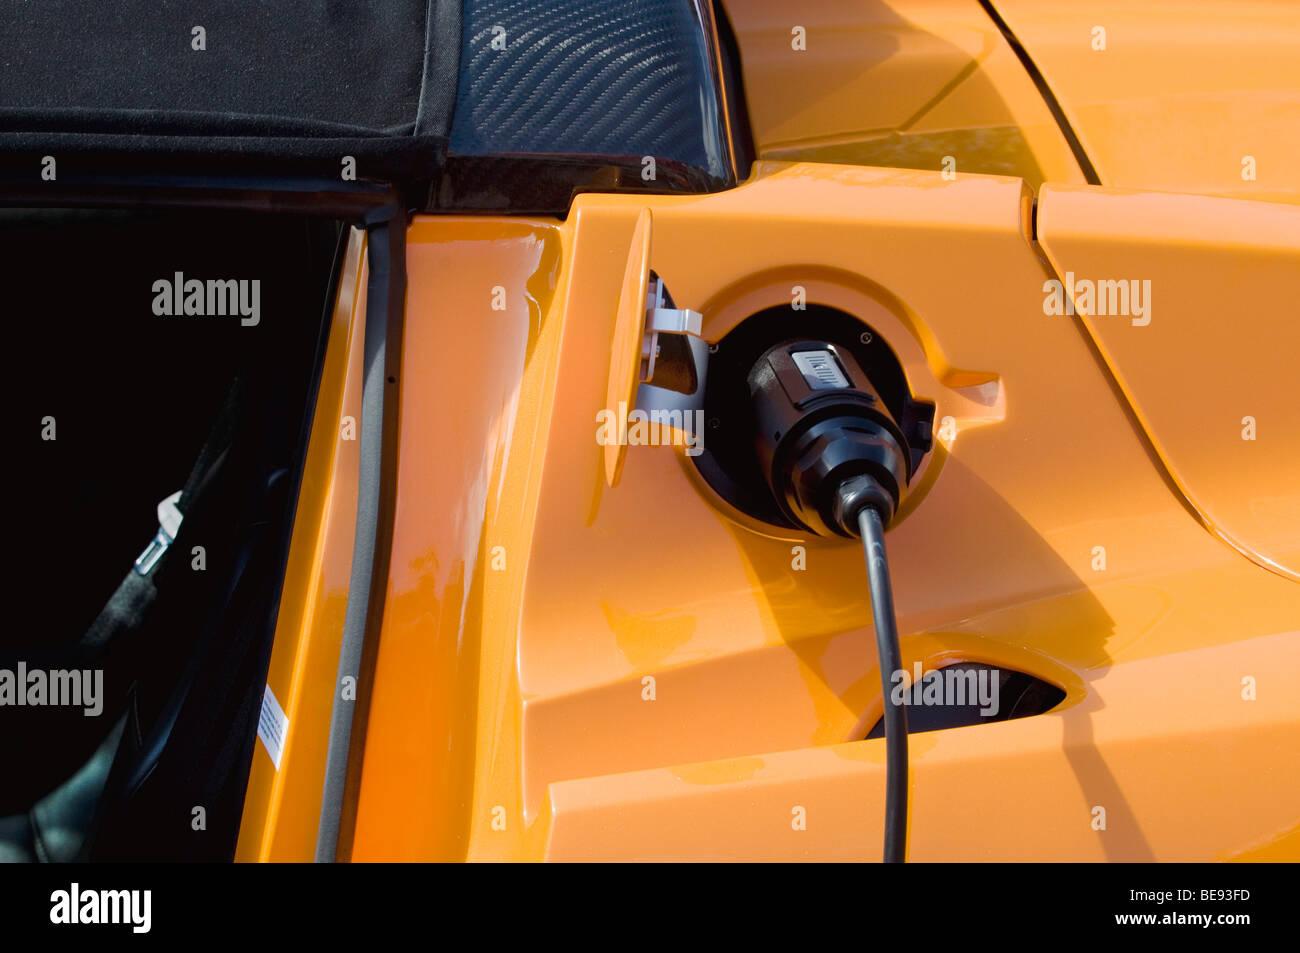 Coche eléctrico conectado a un enchufe, reabastecimiento de combustible libre de emisiones, carga Imagen De Stock